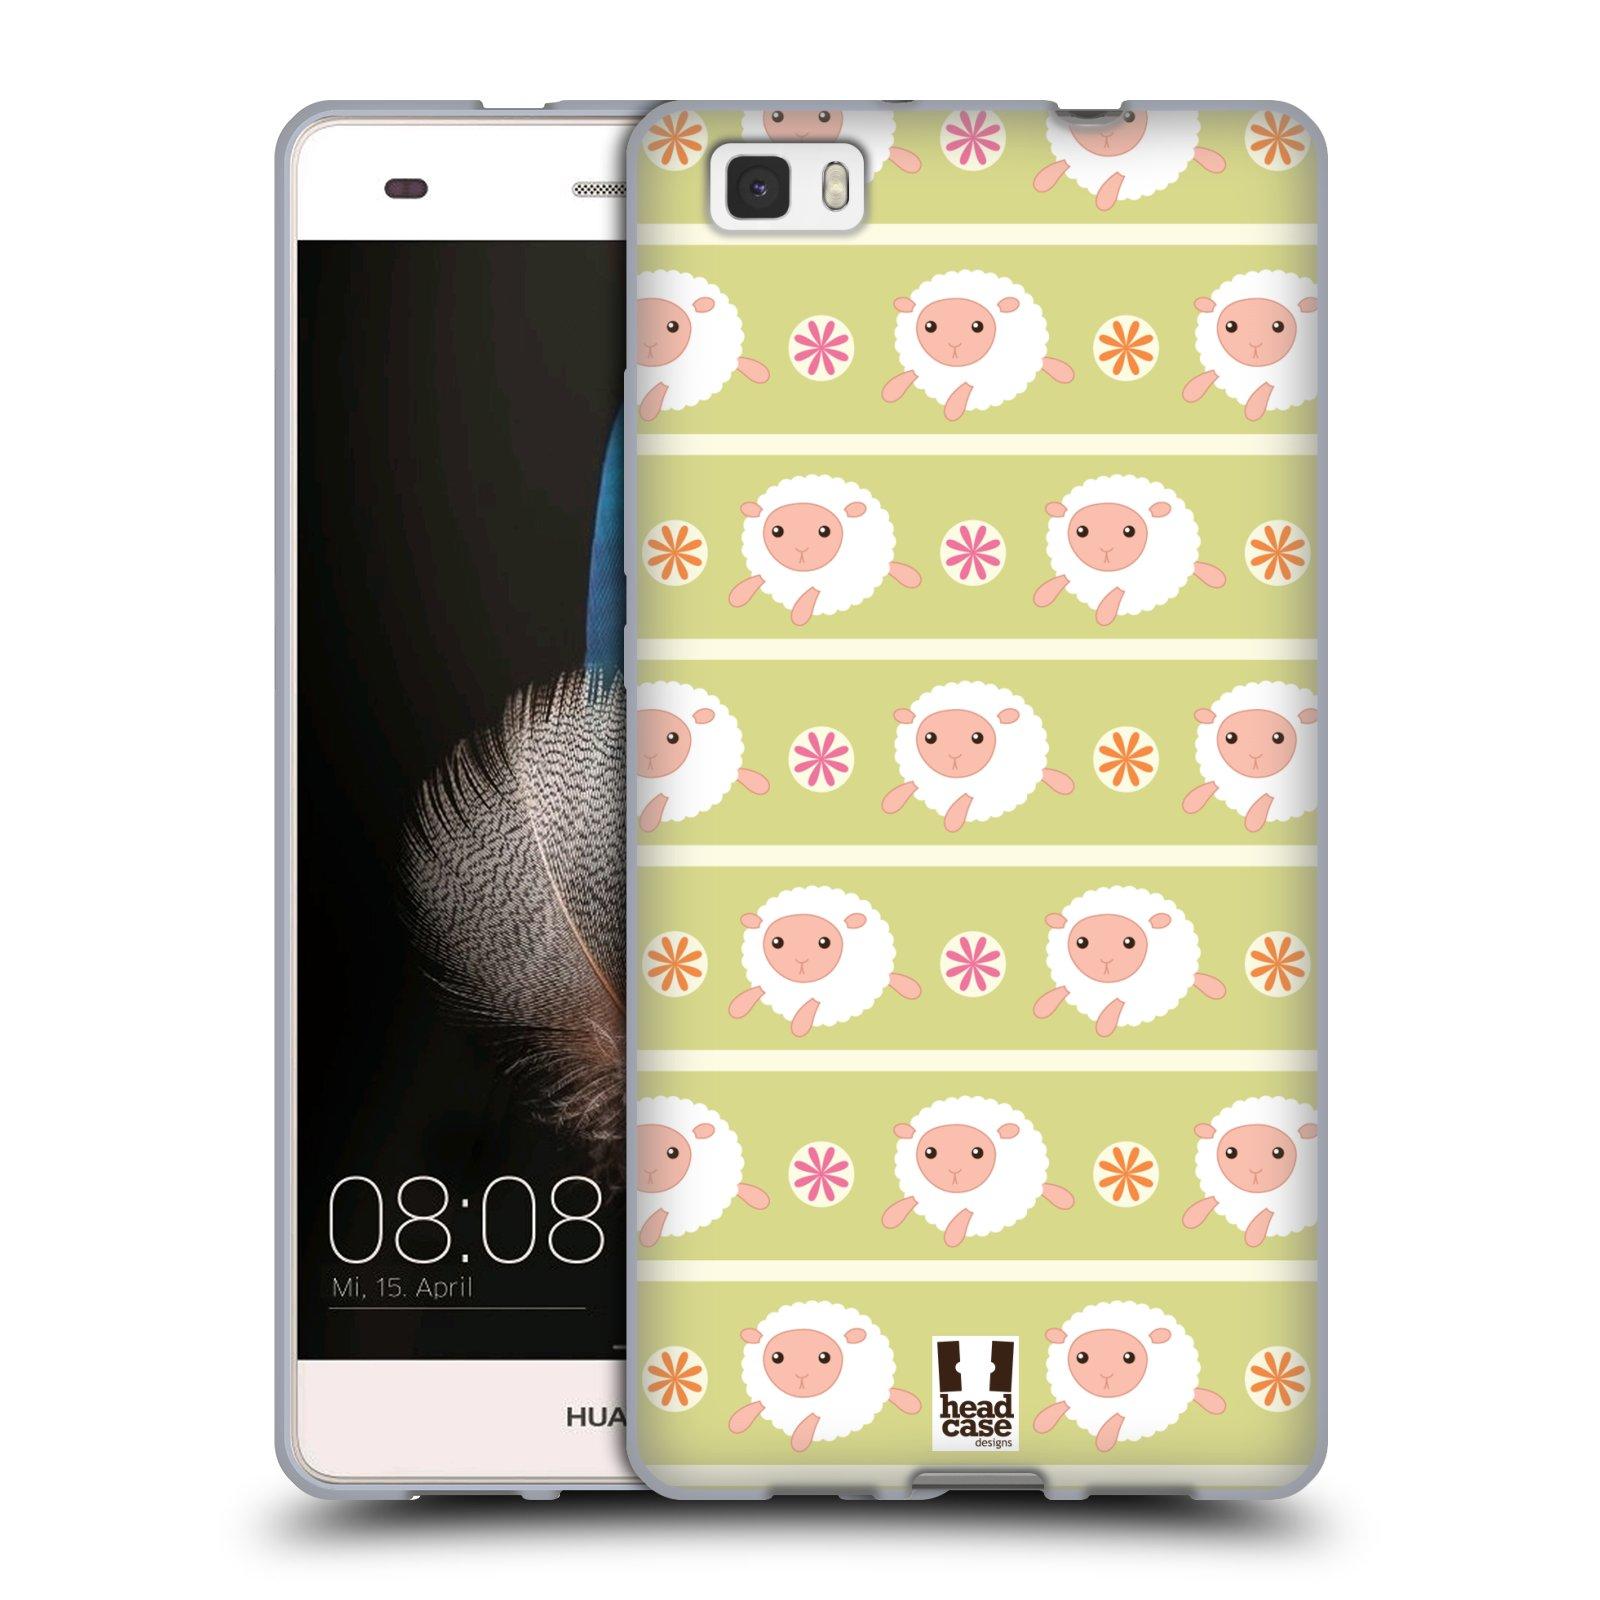 HEAD CASE silikonový obal na mobil HUAWEI P8 LITE vzor roztomilé zvířecí vzory ovečky